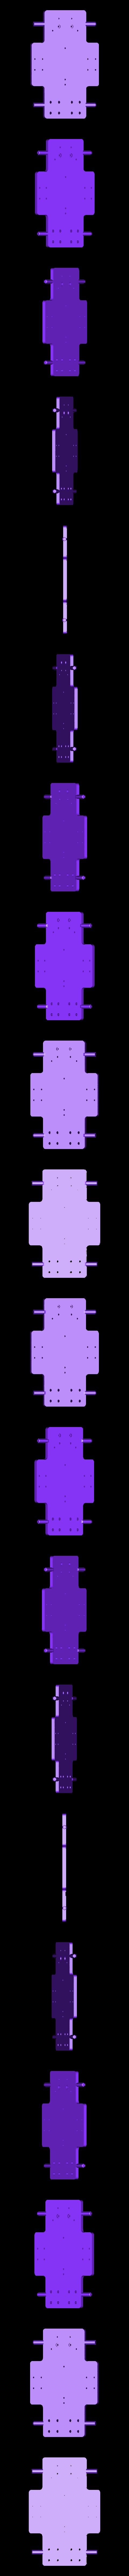 base_plate.STL Télécharger fichier STL gratuit Traxbot - une construction EZ-robot • Design imprimable en 3D, Laevalia